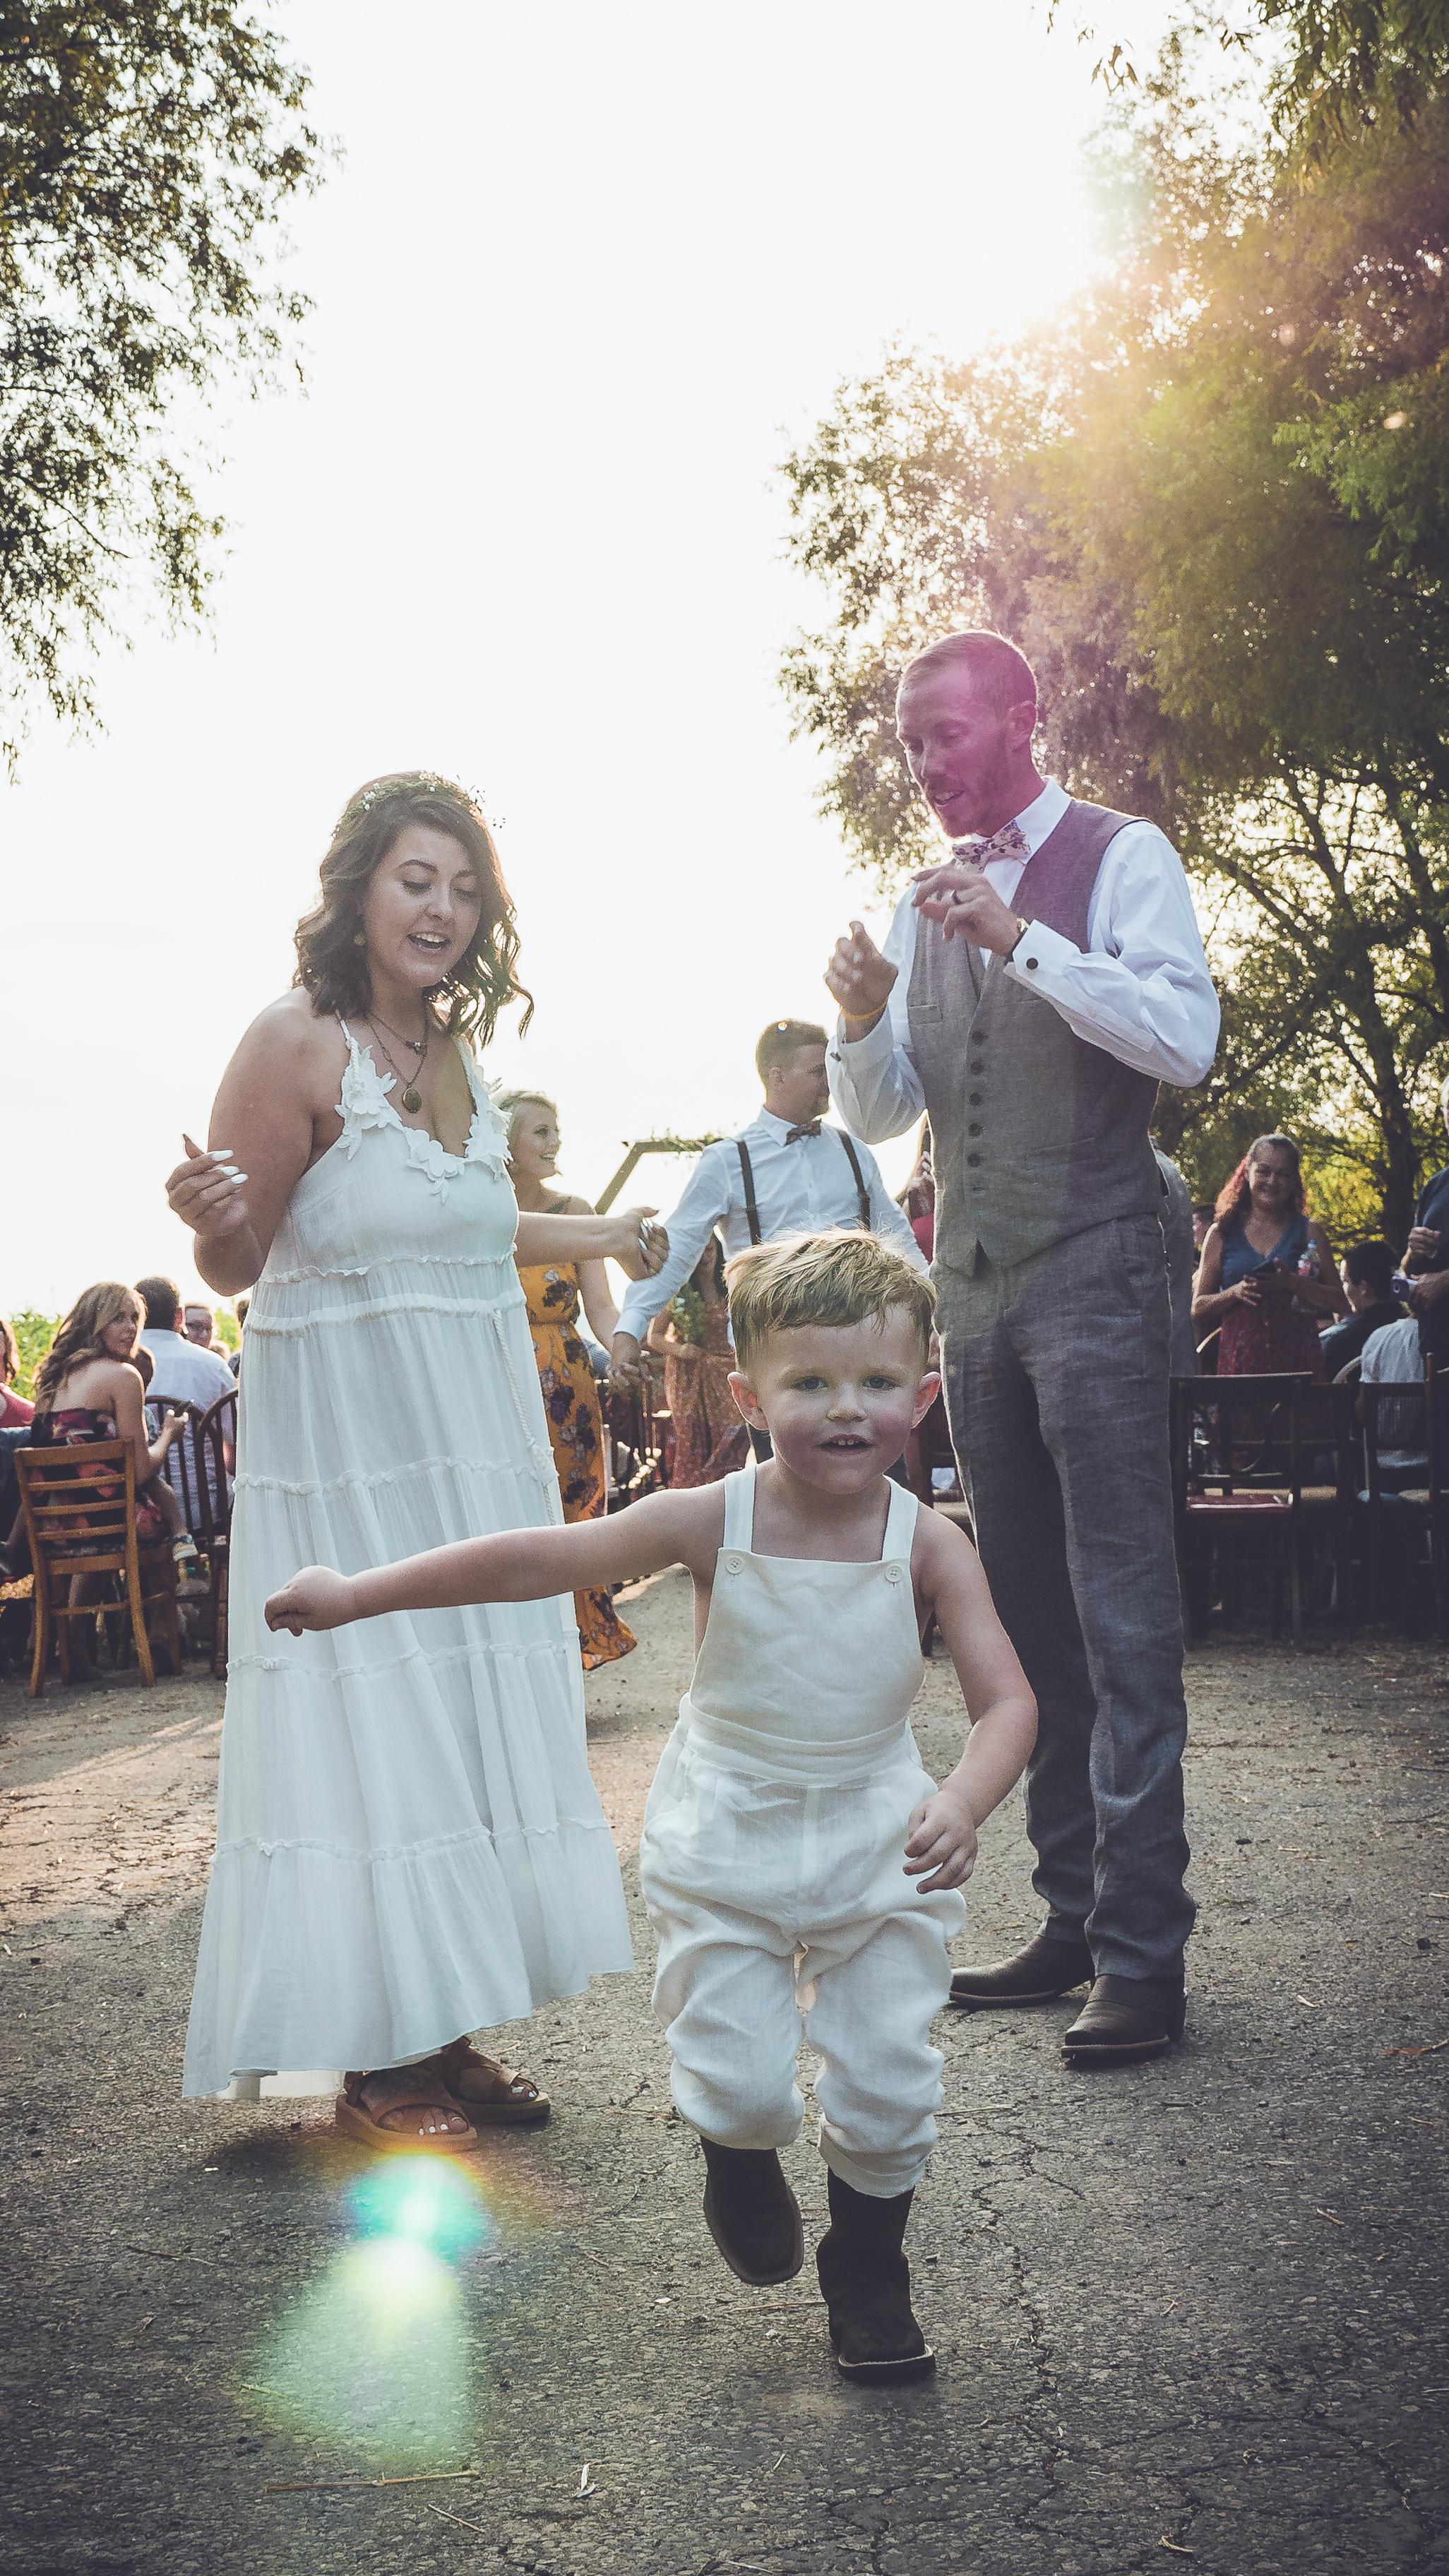 Cheyenne and Michael Hobbs Kansas city Wedding 2018 photographs (146 of 310).jpg